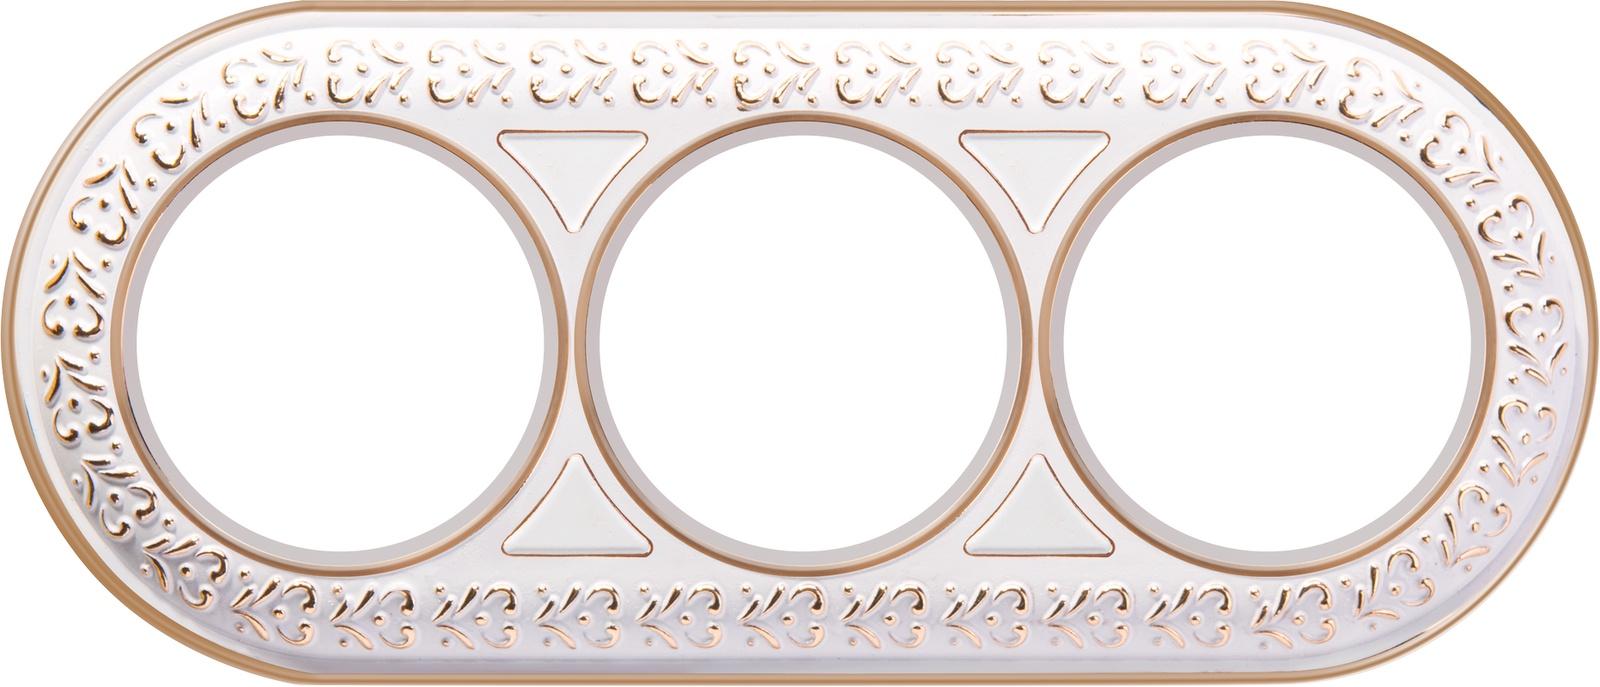 Рамка электроустановочная Werkel на 3 поста белое золото WL70-frame-03 светло-бежевый